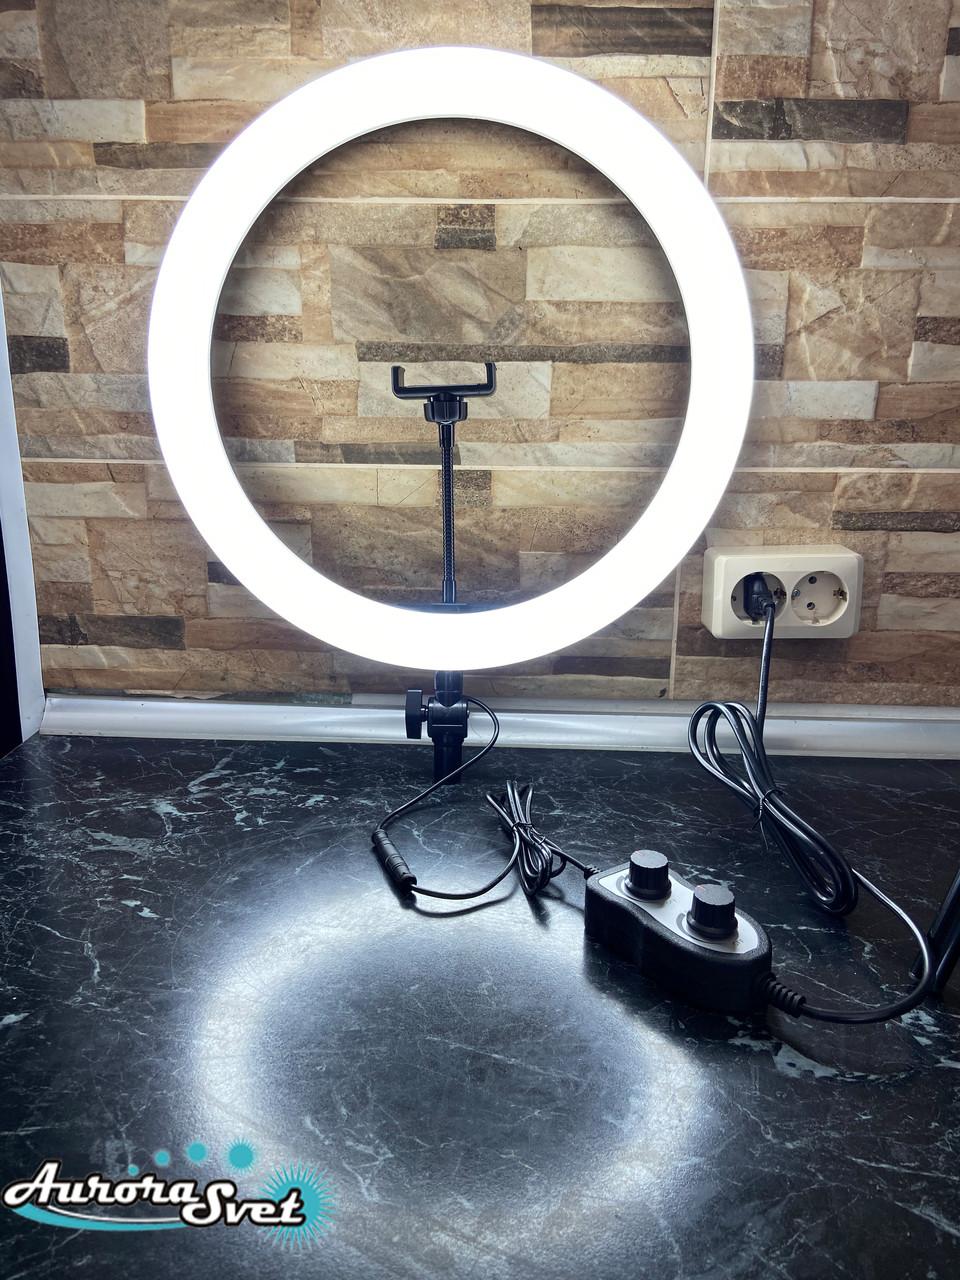 Световое кольцо 40см. Профессиональная кольцевая лампа 280 светодиодов. 36вт.